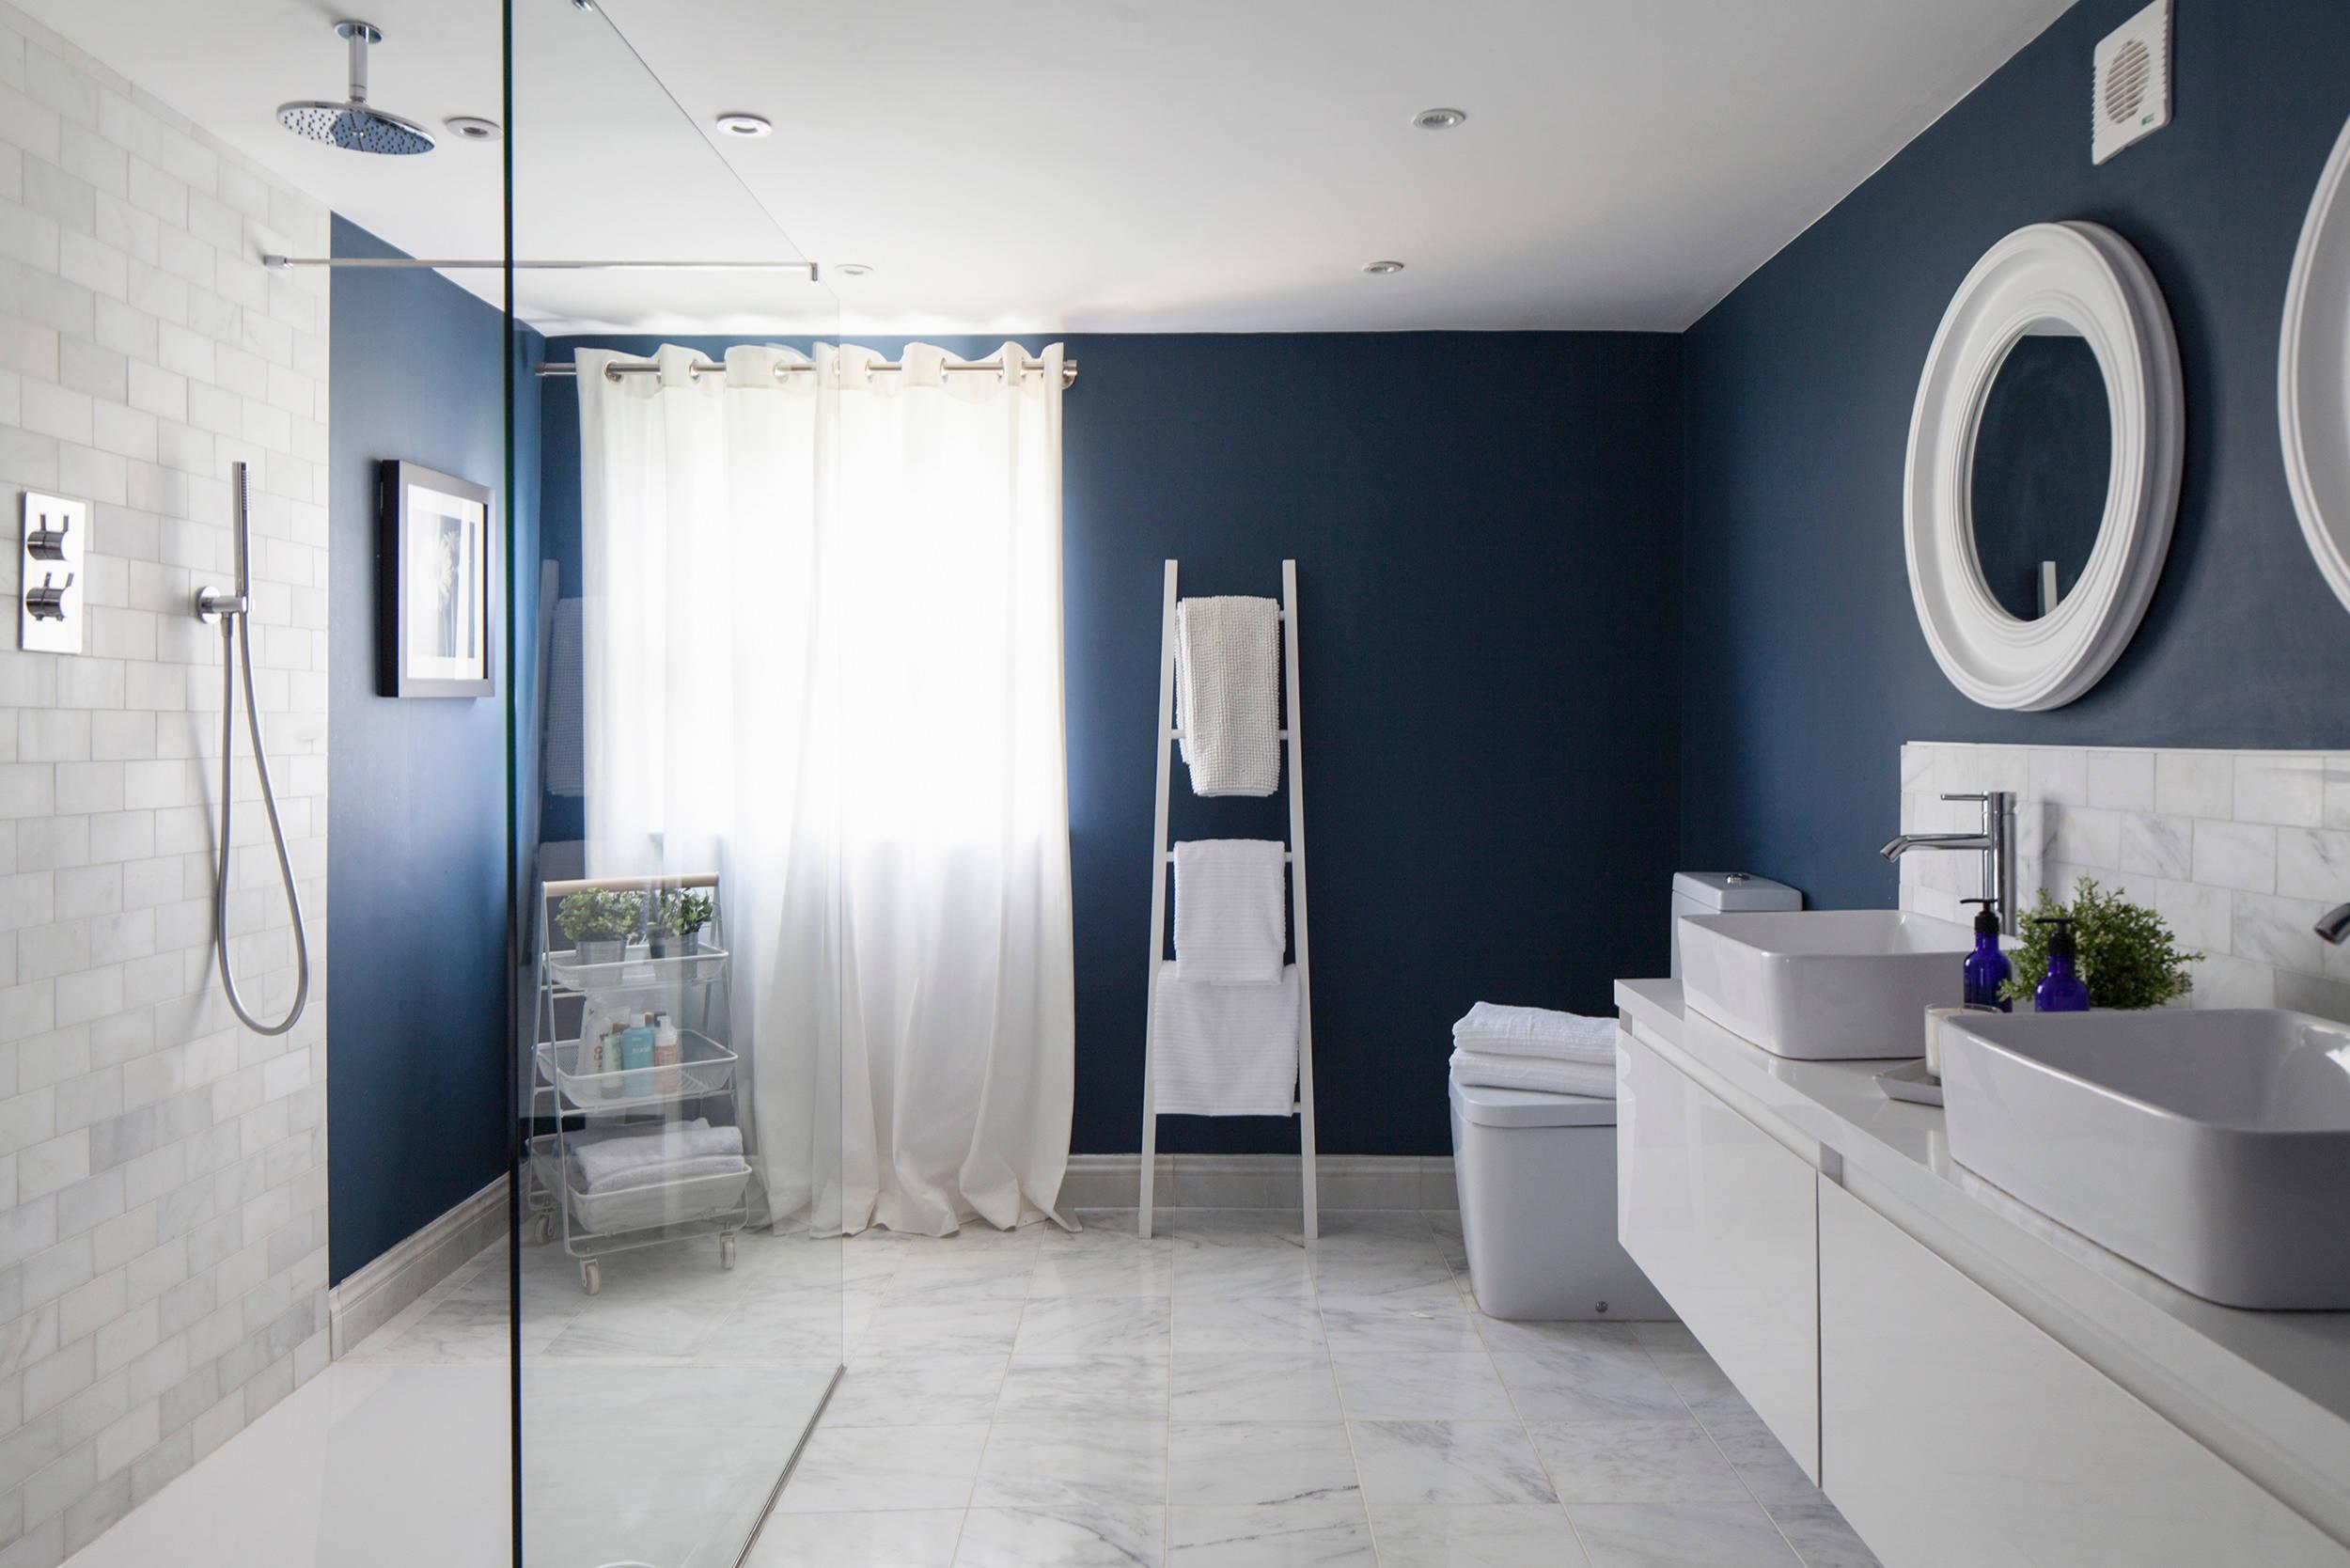 Темно-синие стены в ванной, белый пол, белая сантехника